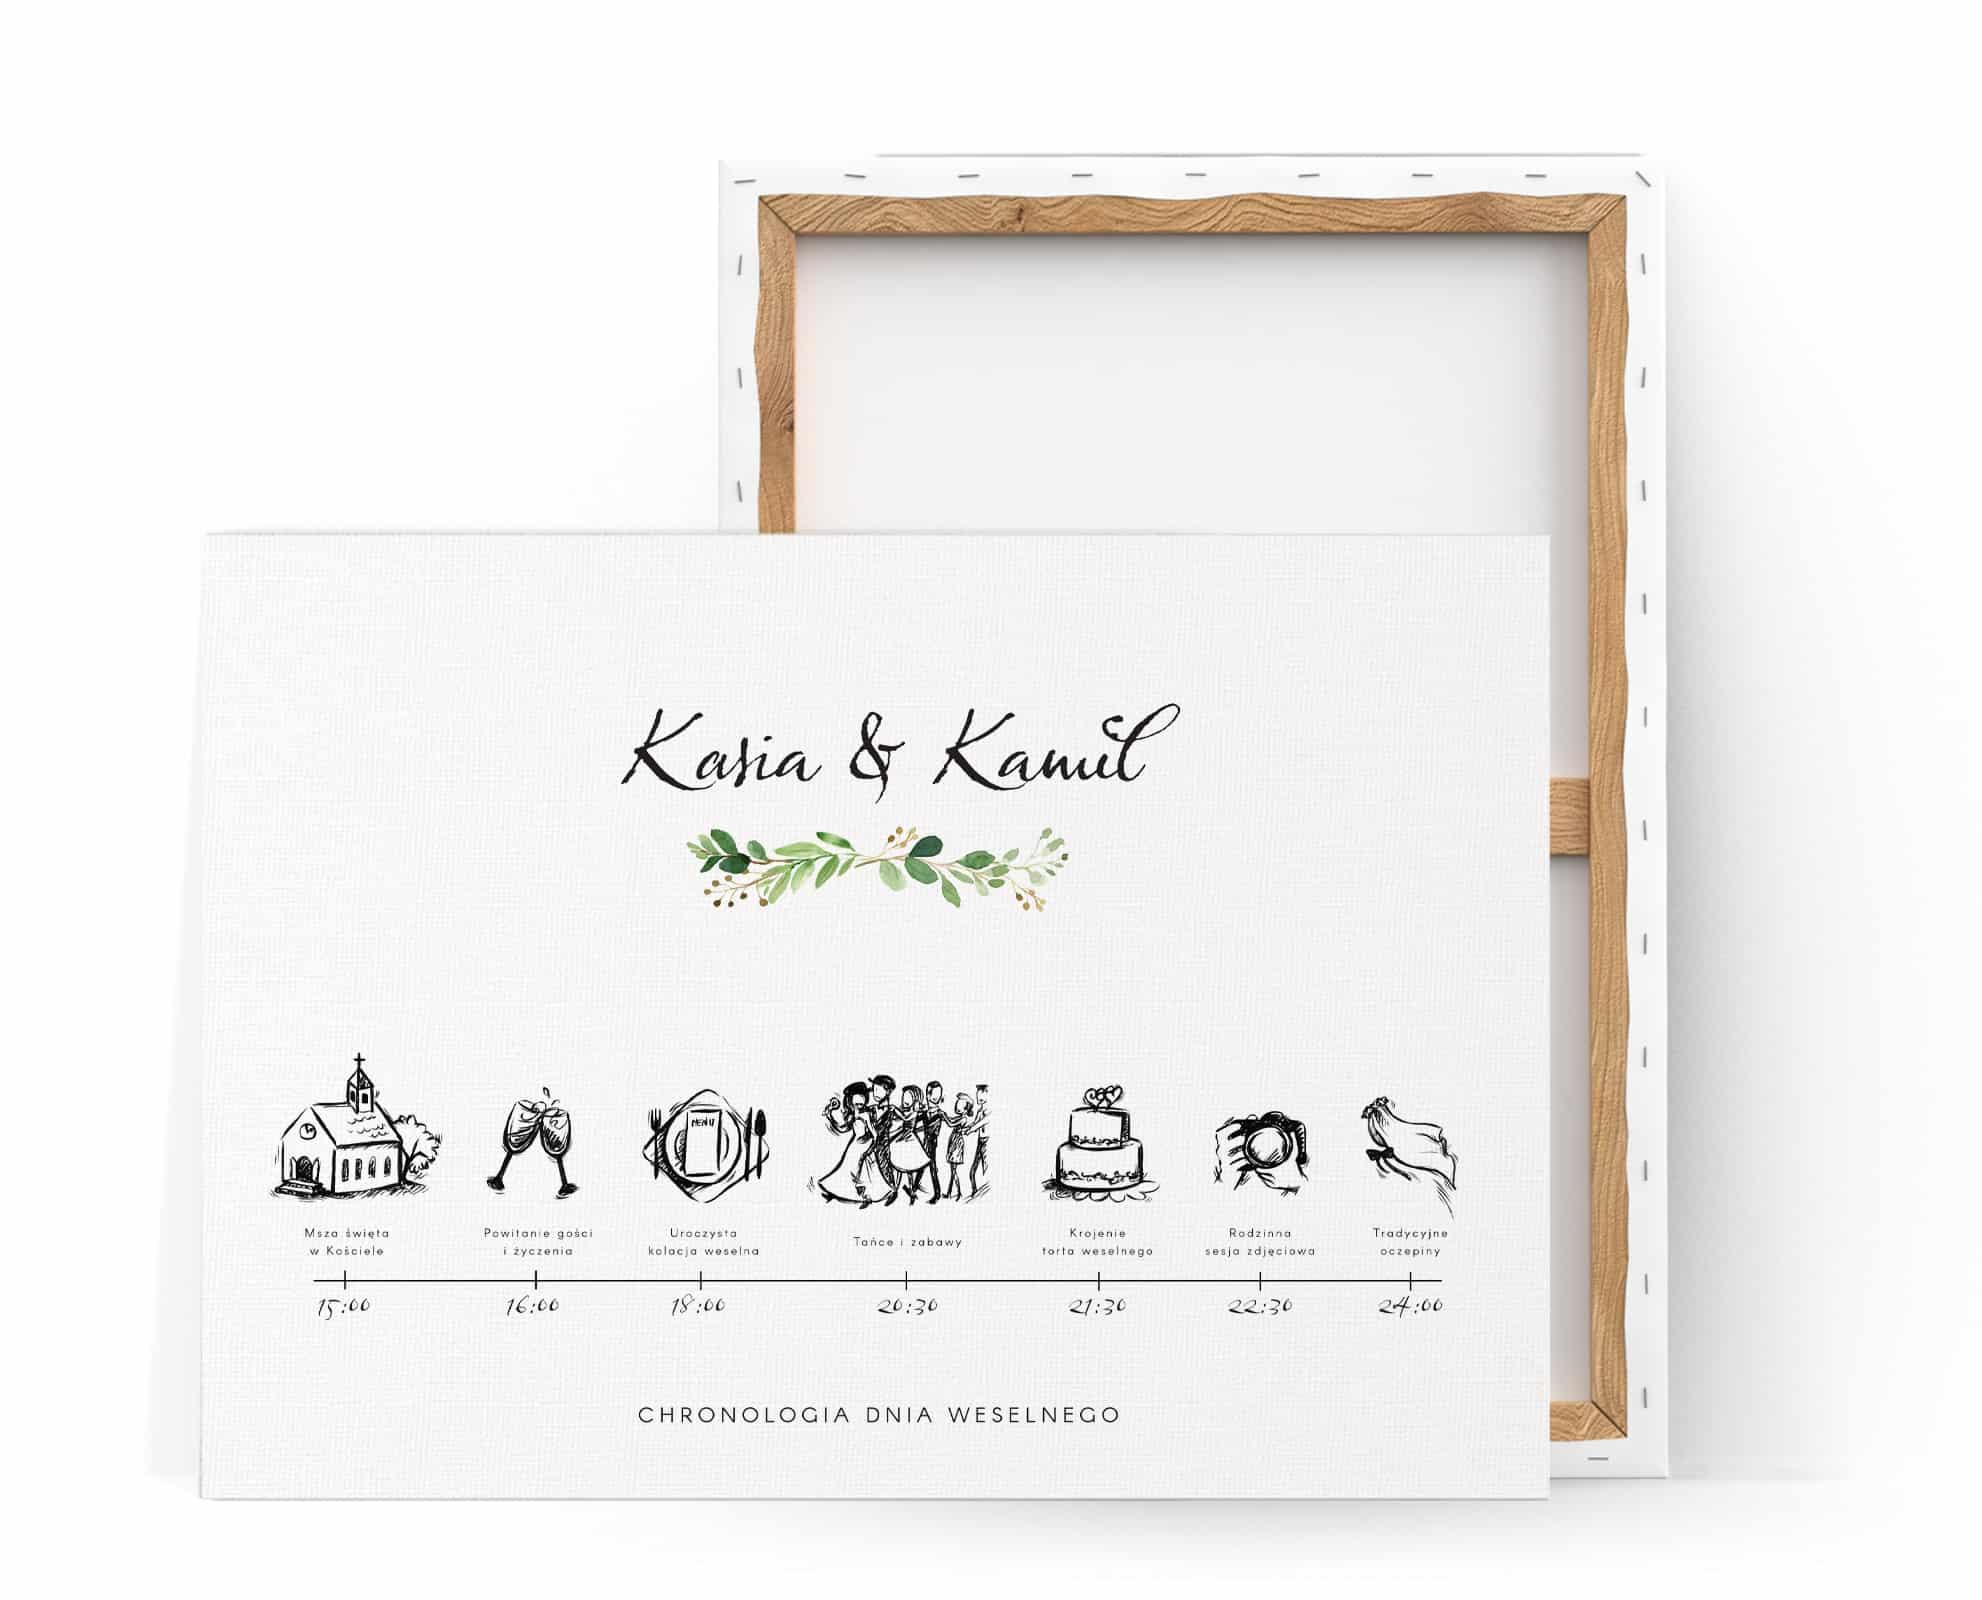 Duża tablica z planem uroczystości z eleganckimi prostymi rysunkami